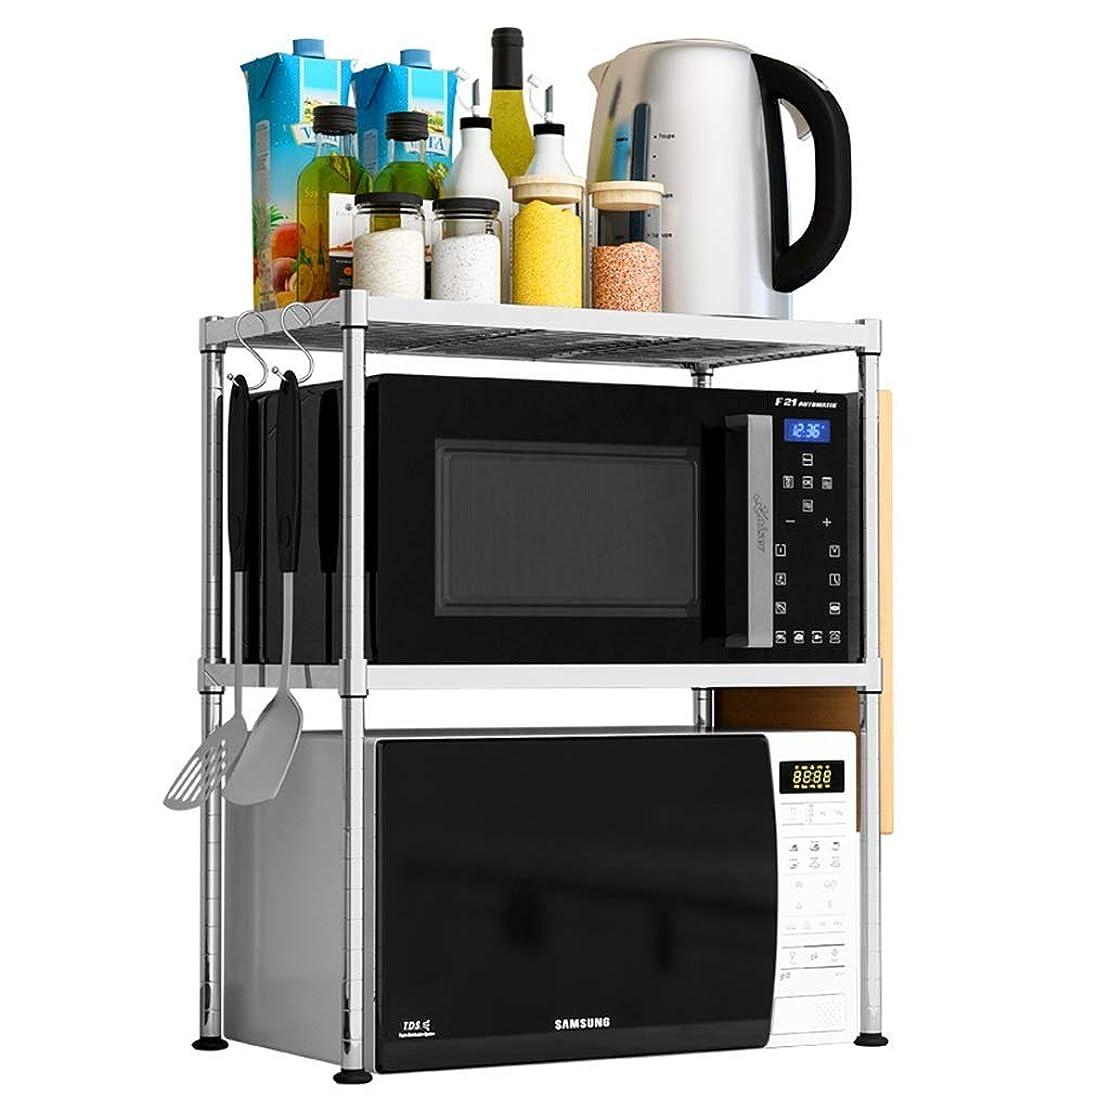 実用的マーベルポイントDGF-FF 収納 (カラー:シルバー、サイズ:* 55 61 * 30センチメートル)厨房棚Lixin 304ステンレス鋼台所ストレージ電子レンジ多世帯2層(:シルバー、サイズ* 55 61 * 30センチメートル色)ラック